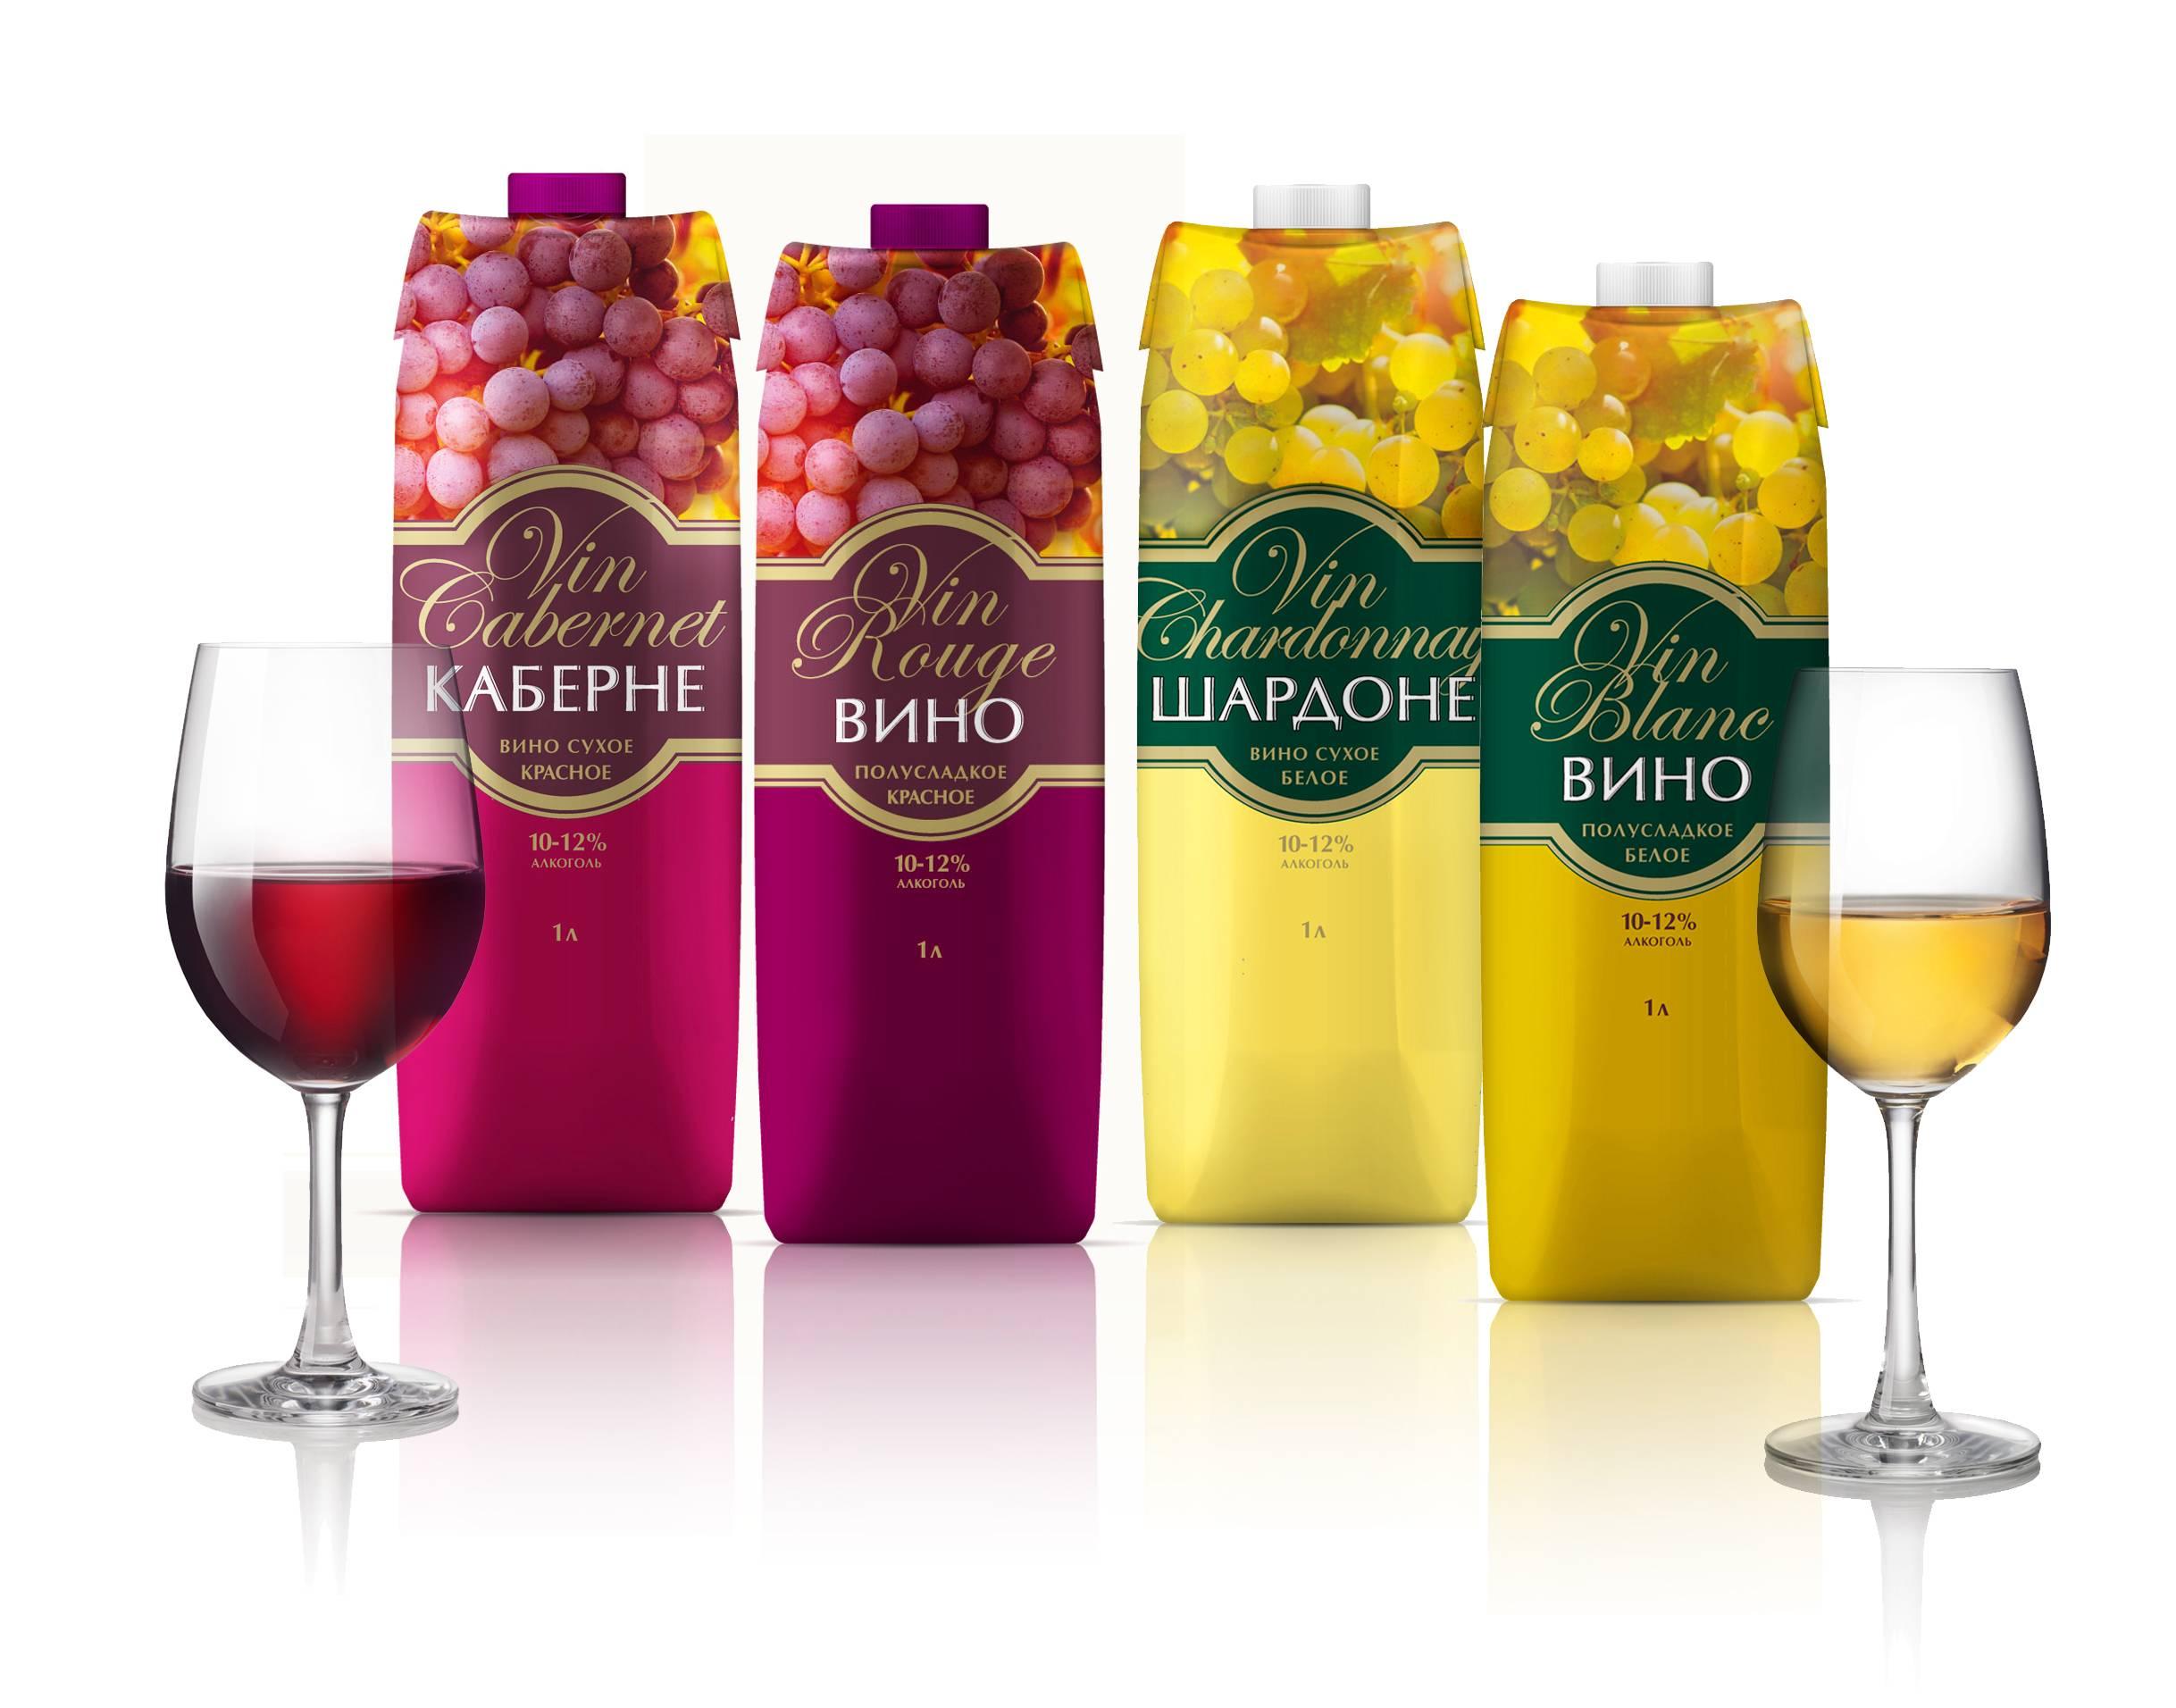 Вино в коробке, тетрапаке, пакете. особенности и отличия